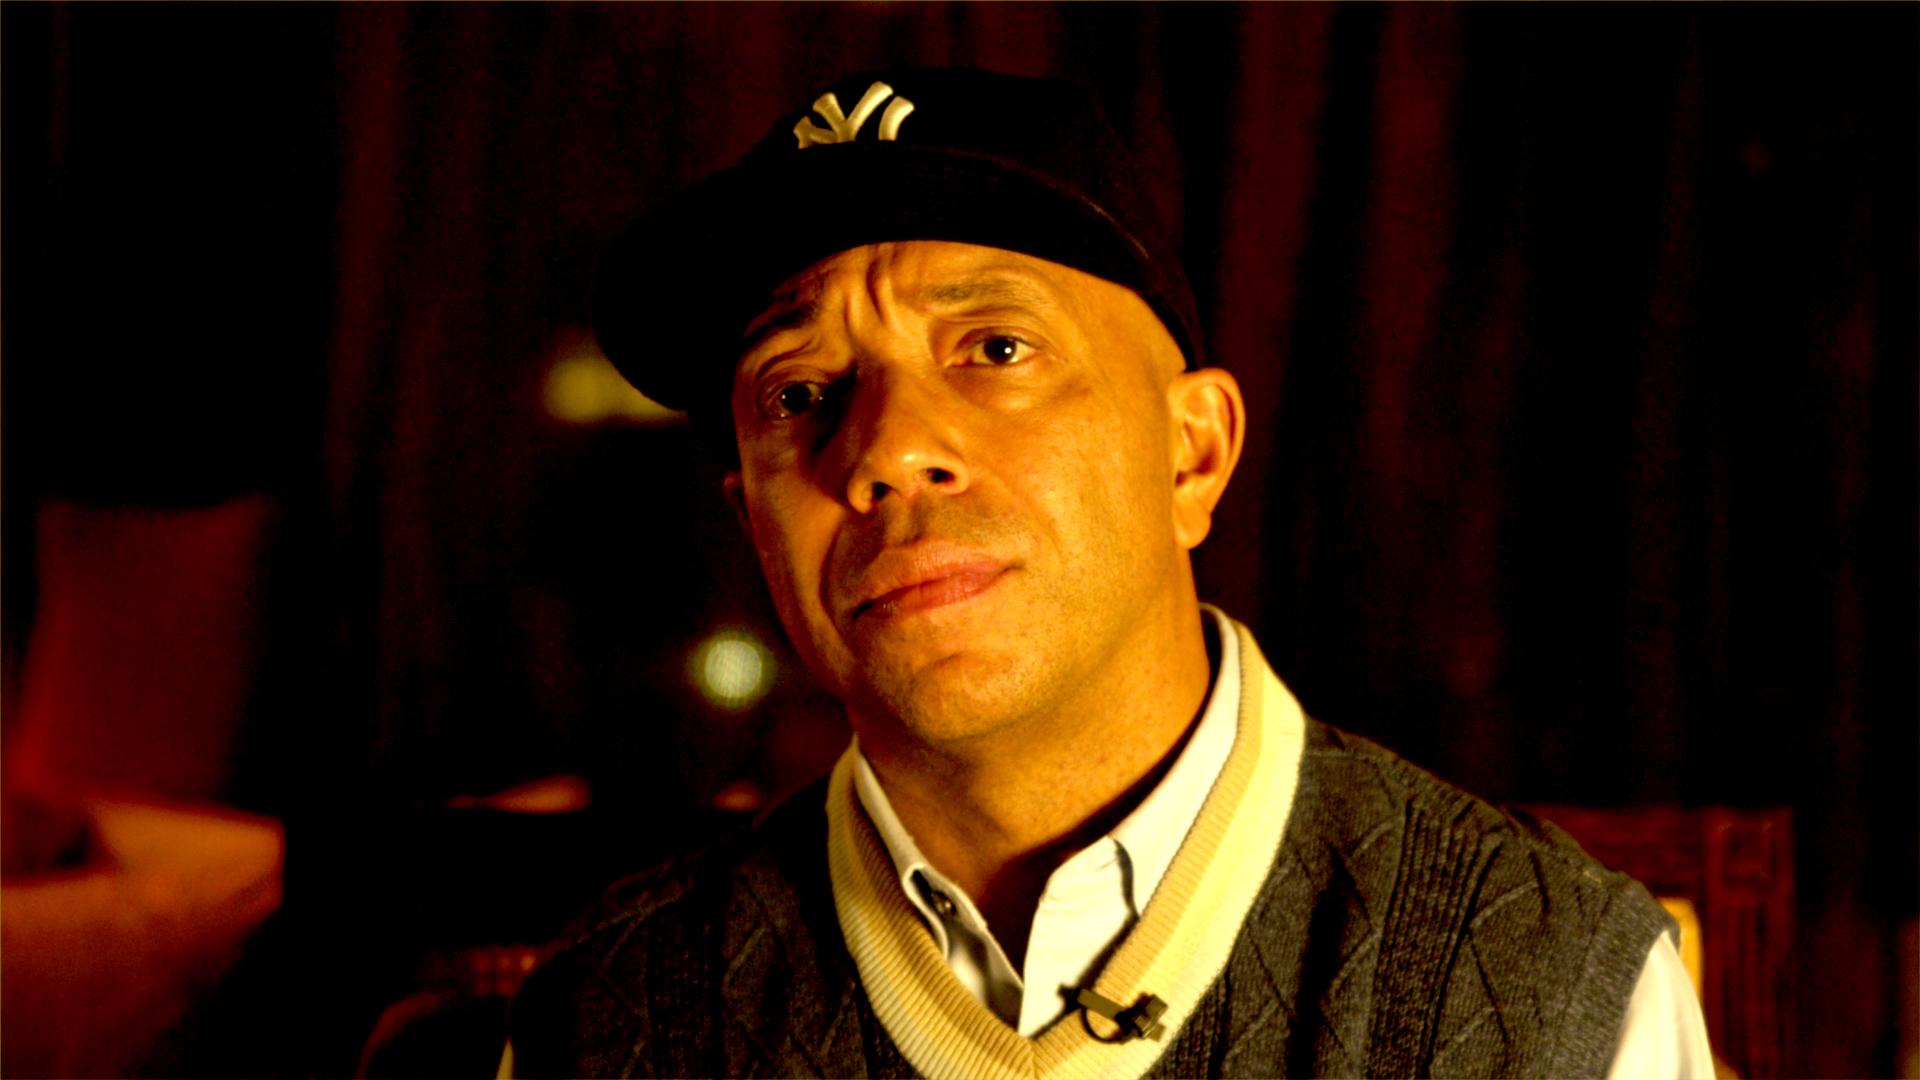 Come fare soldi vendendo droga: Russell Simmons, produttore e sceneggiatore, in una scena del documentario